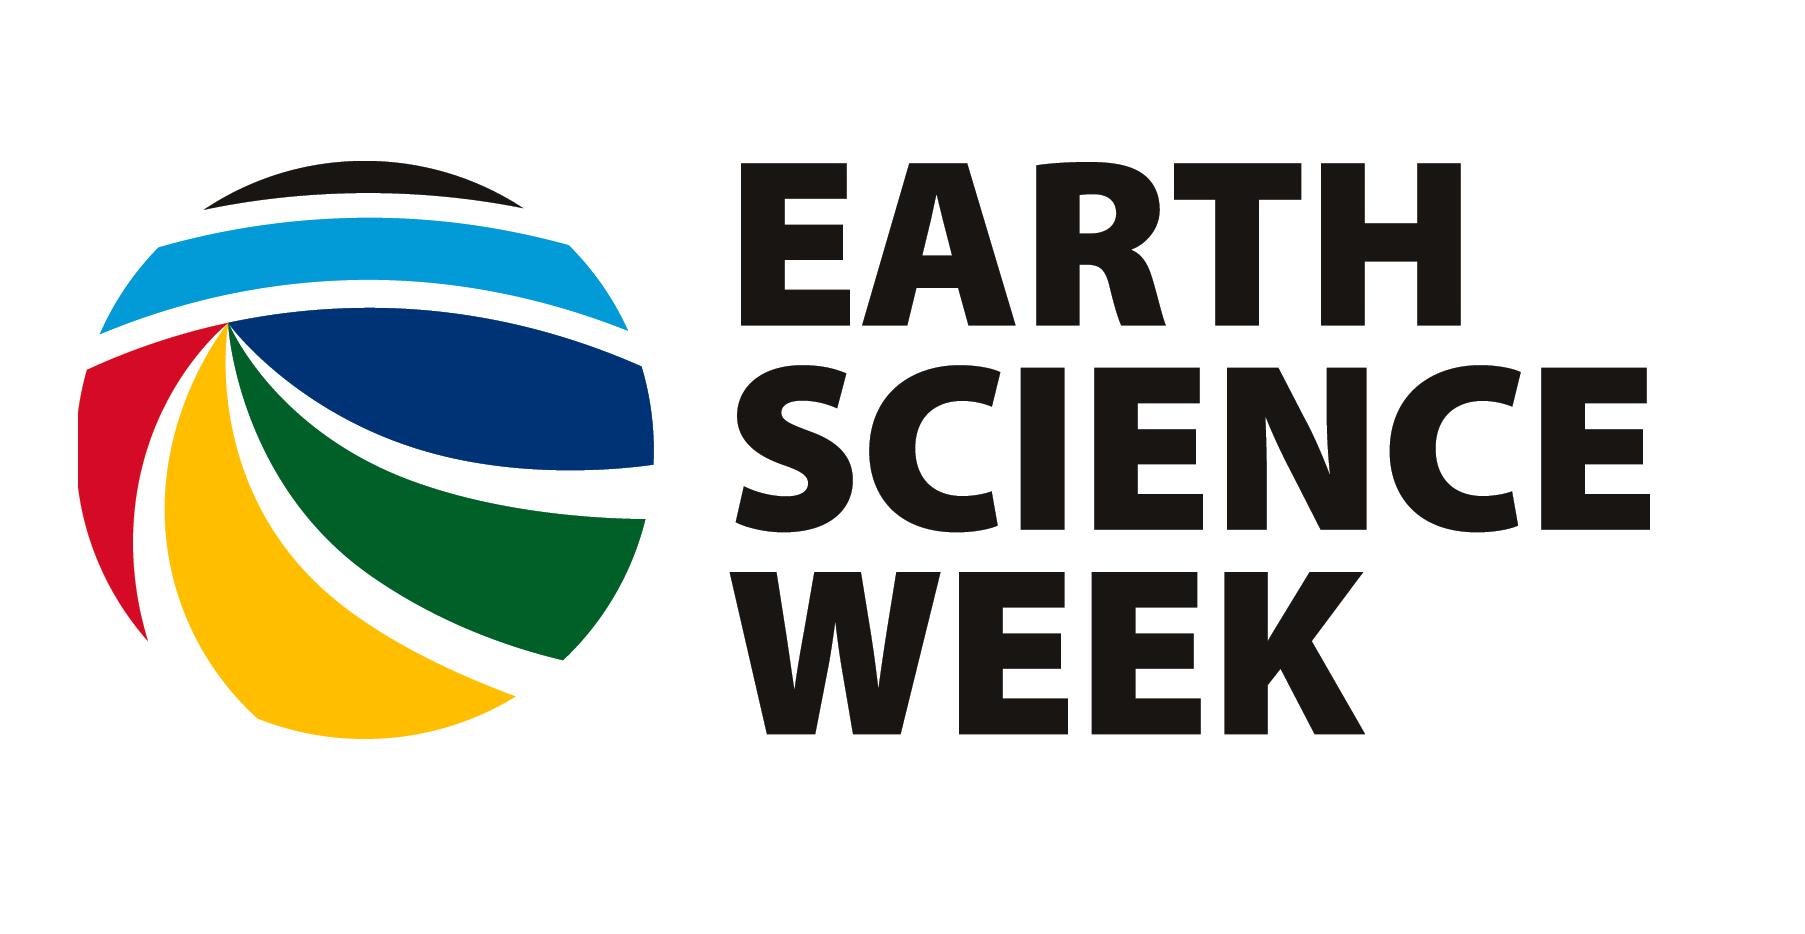 Make Every Week Earth Science Week